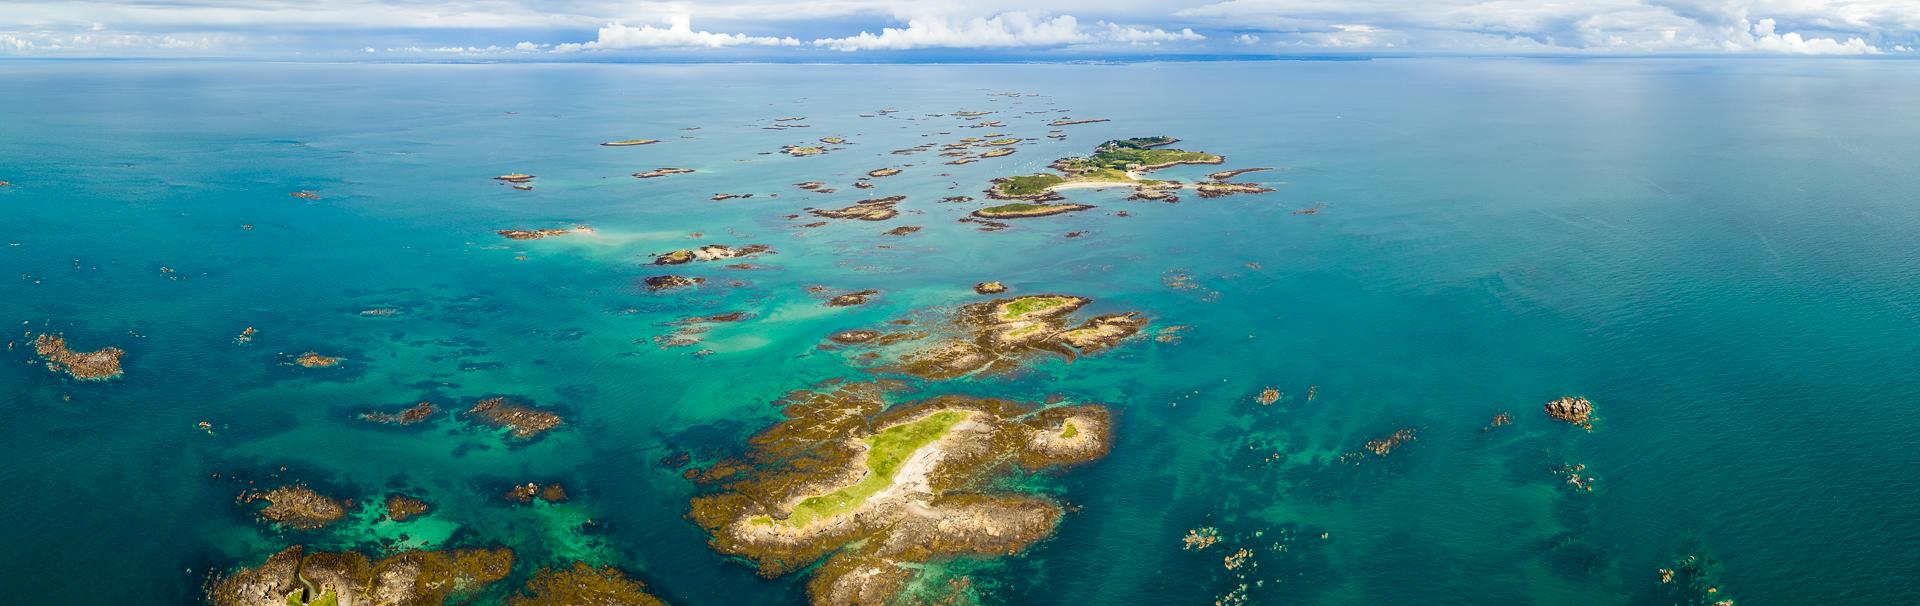 Photo de 65 MPX créee à partir de 5 Photos au format raw. DJI INSPIRE 2 + ZENMUSE X7 S35 de l'archipel des îles Chausey.